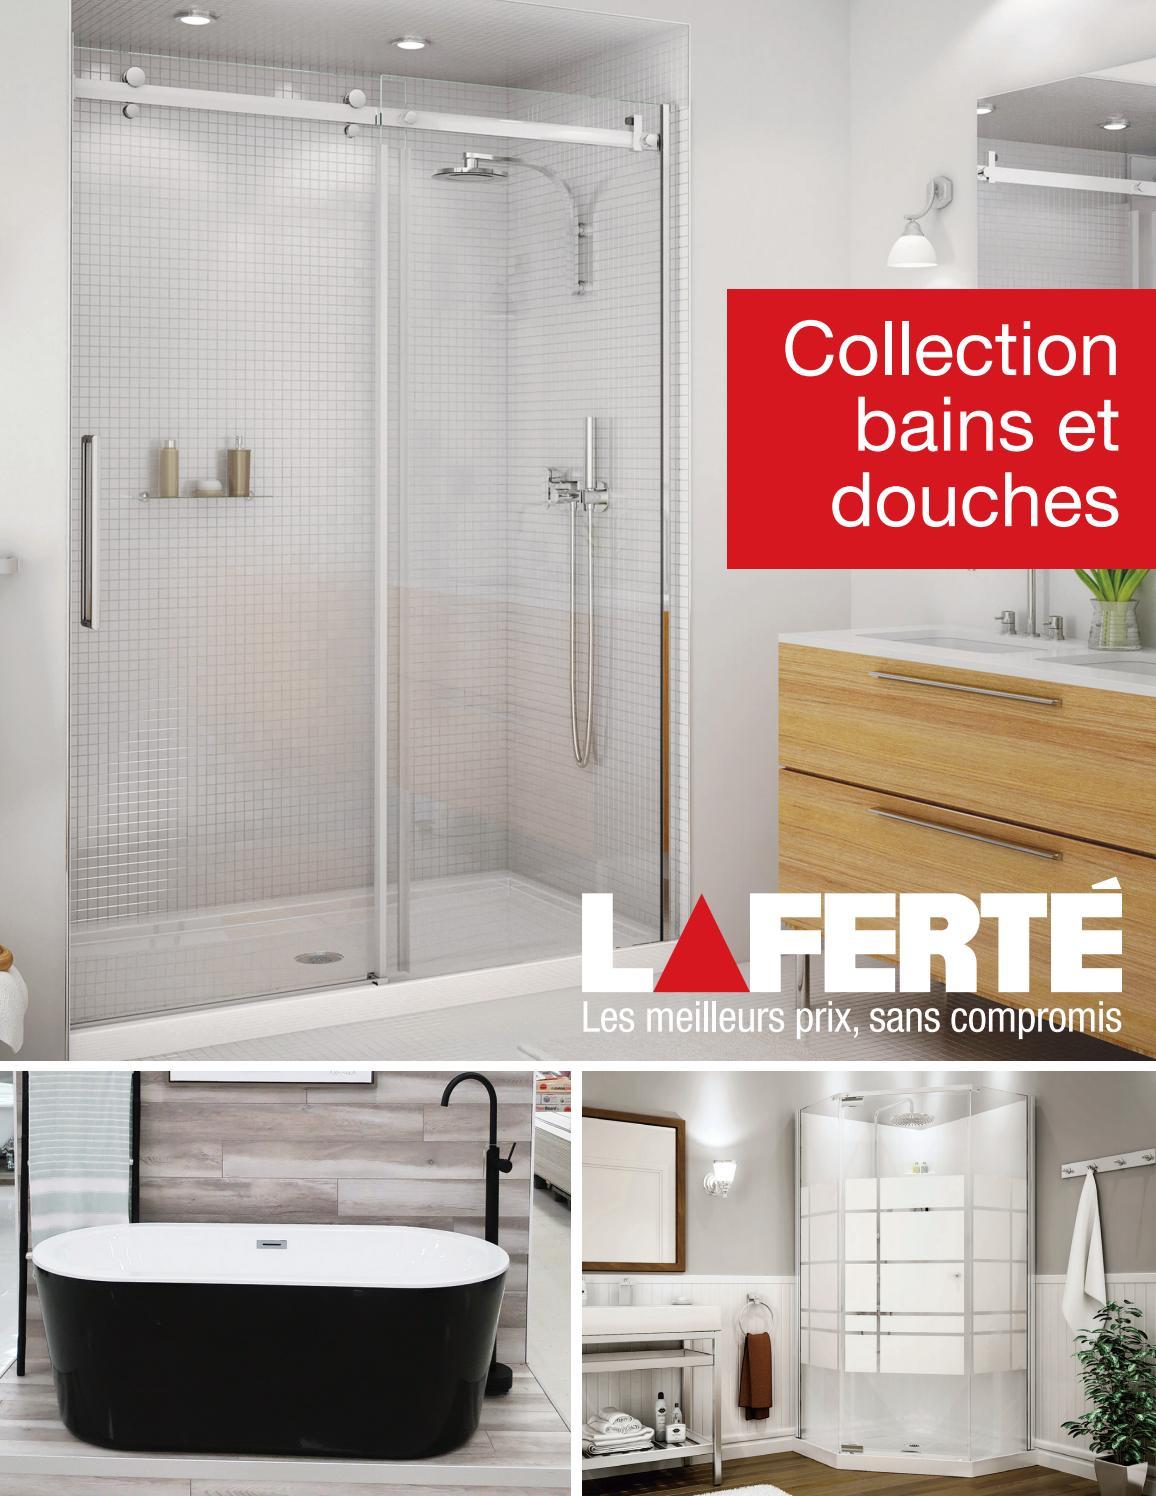 Silicone Acrylique Pour Salle De Bain laferté cahier douches et bainscentre de rénovation